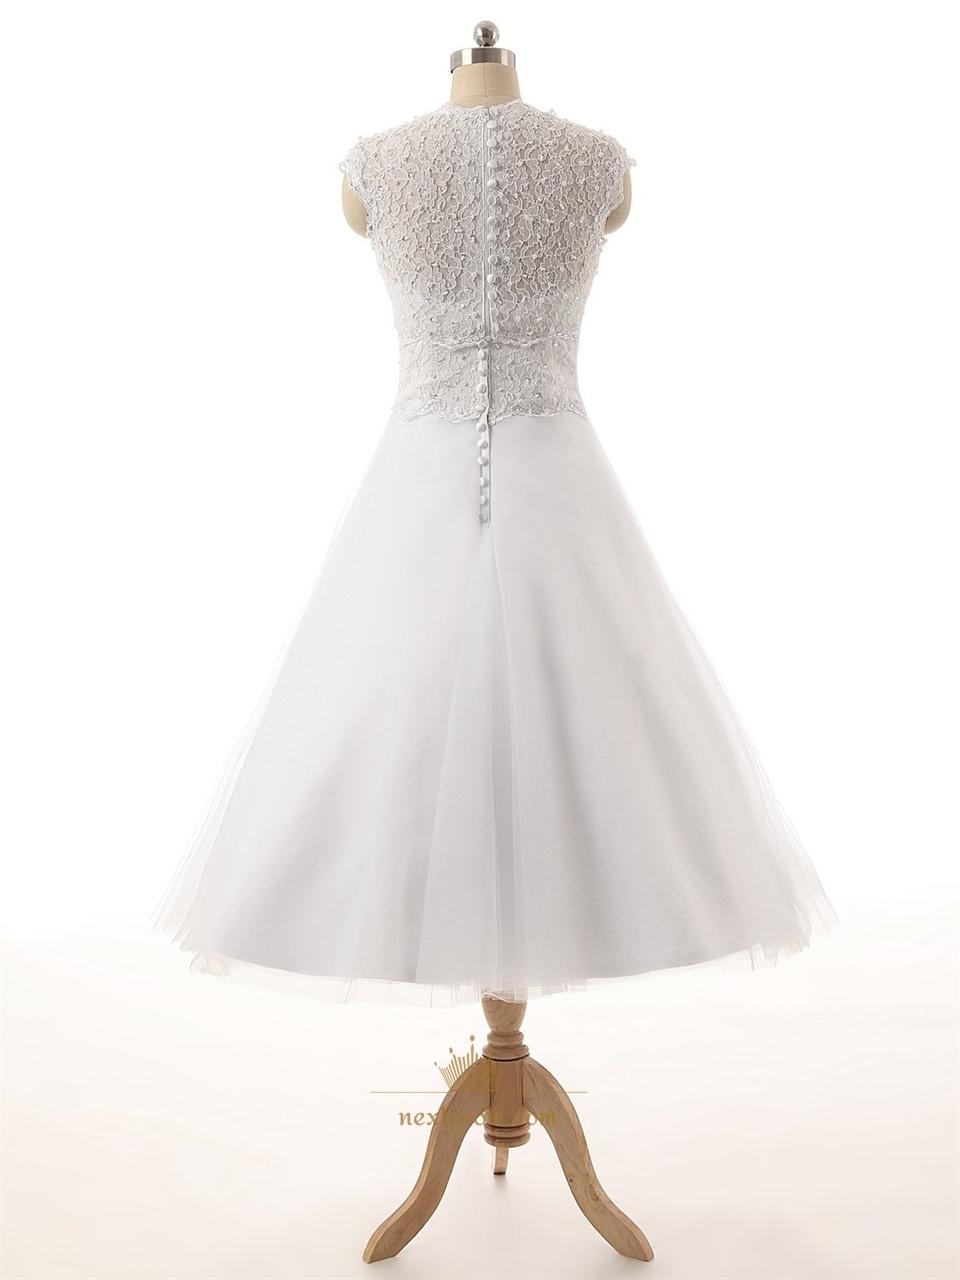 White lace bodice sweetheart neckline tea length tull for Tea length wedding dress tulle skirt